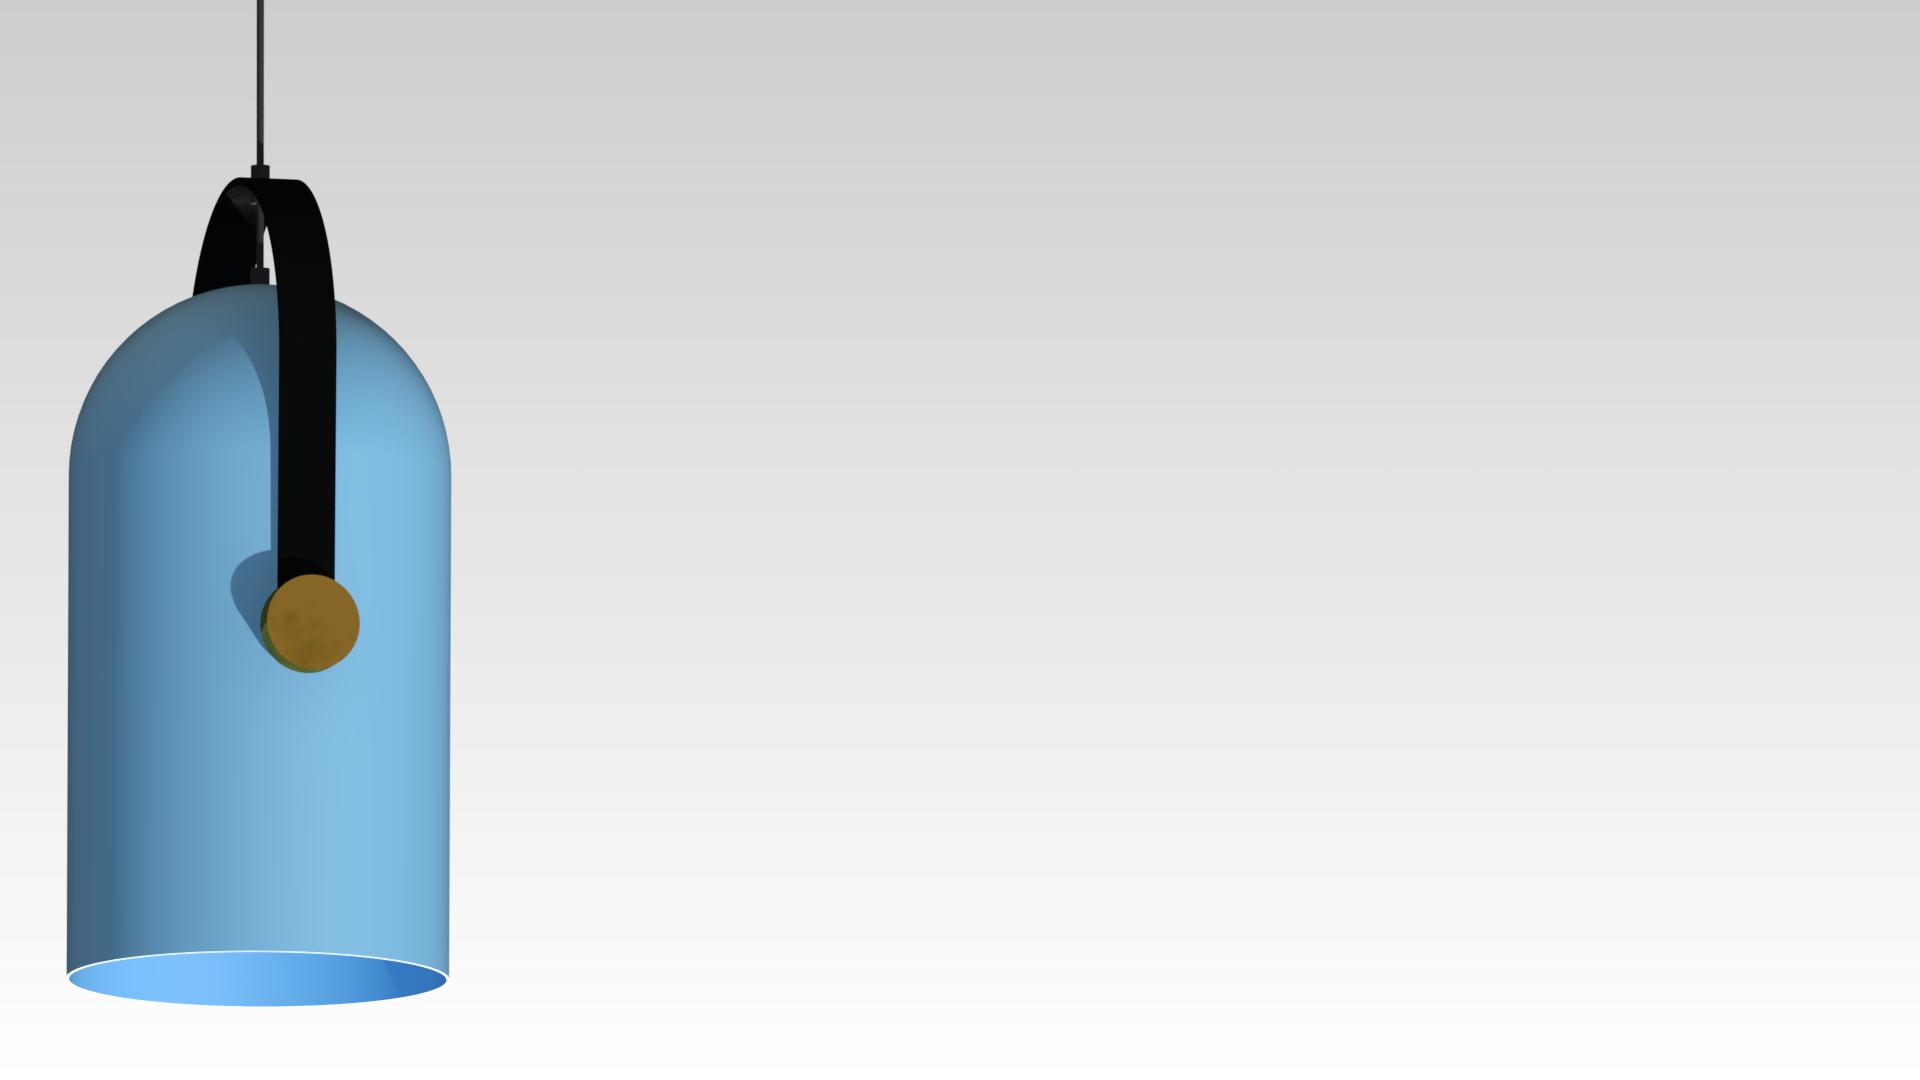 голубой цвет дизайнерский подвесной светильник для ресторана